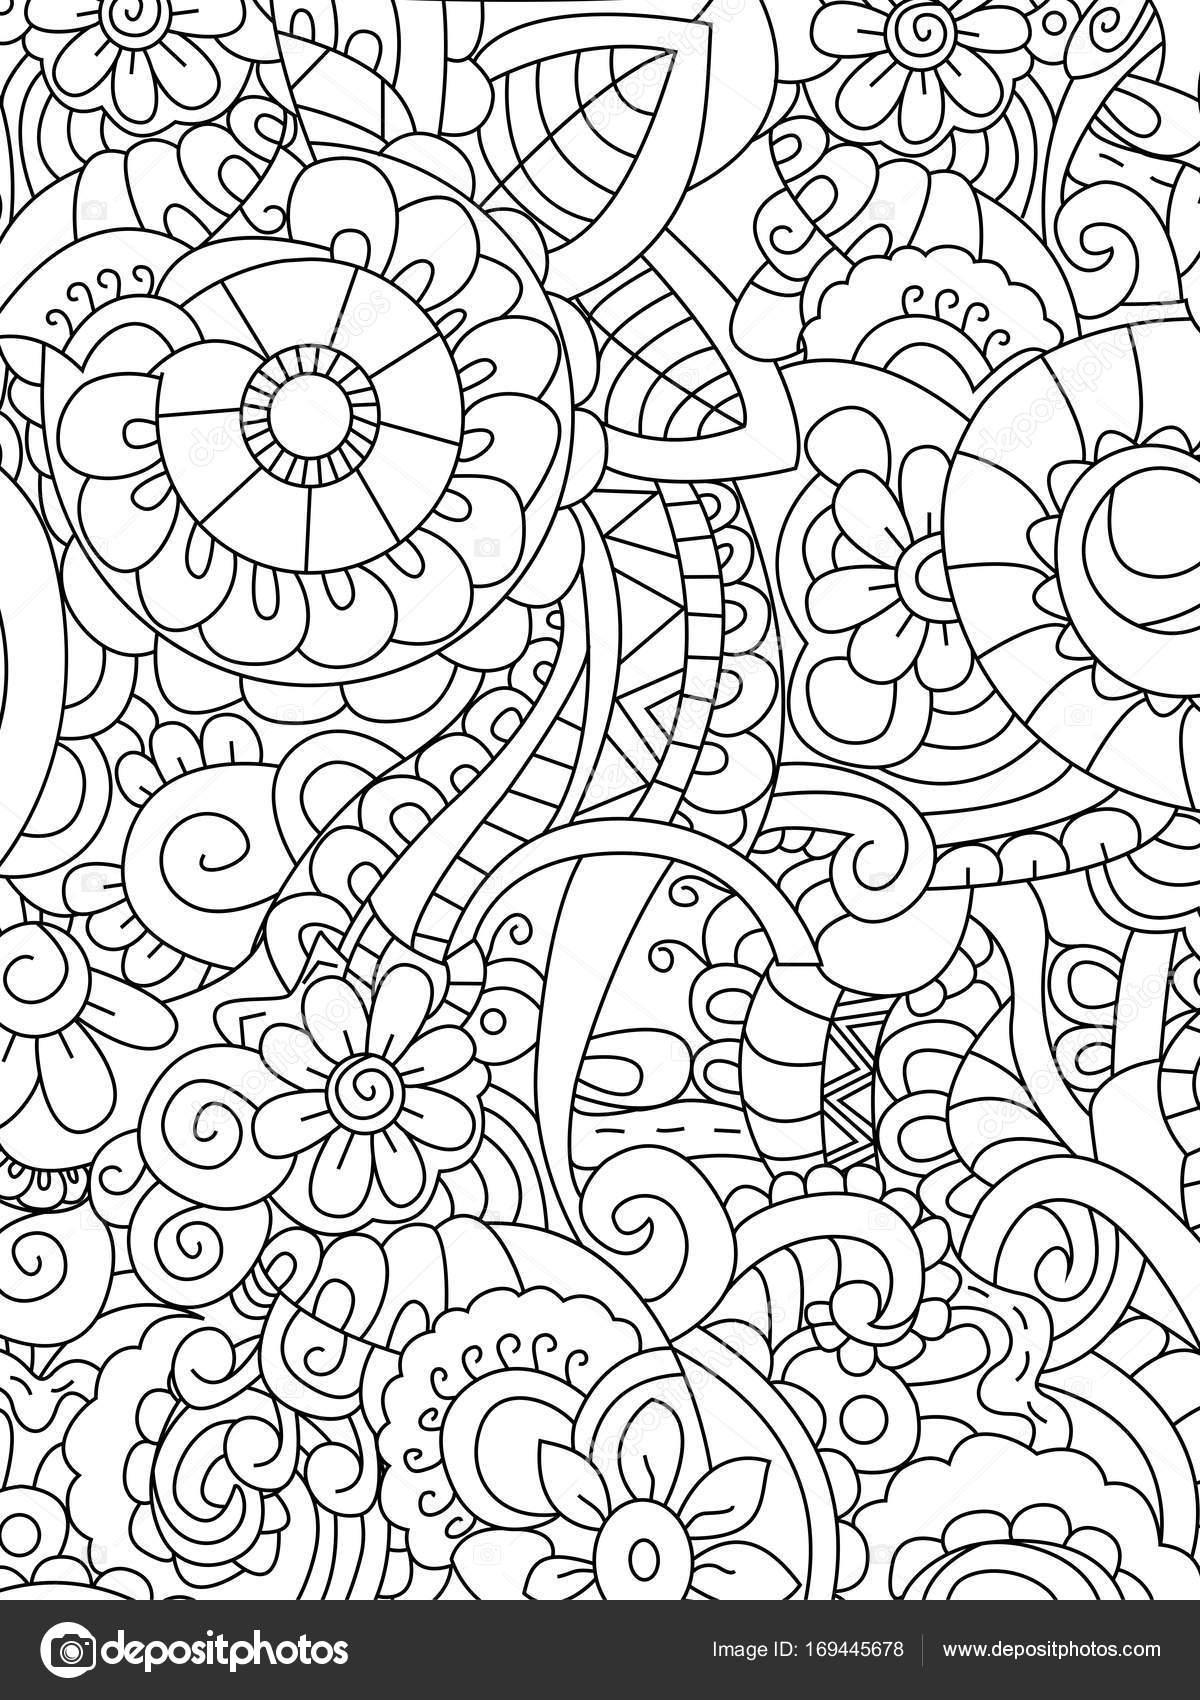 Kleurplaten Voor Volwassenen De Standaard.Het Beste Van Kleurplaten Voor Volwassenen De Standaard Klupaats